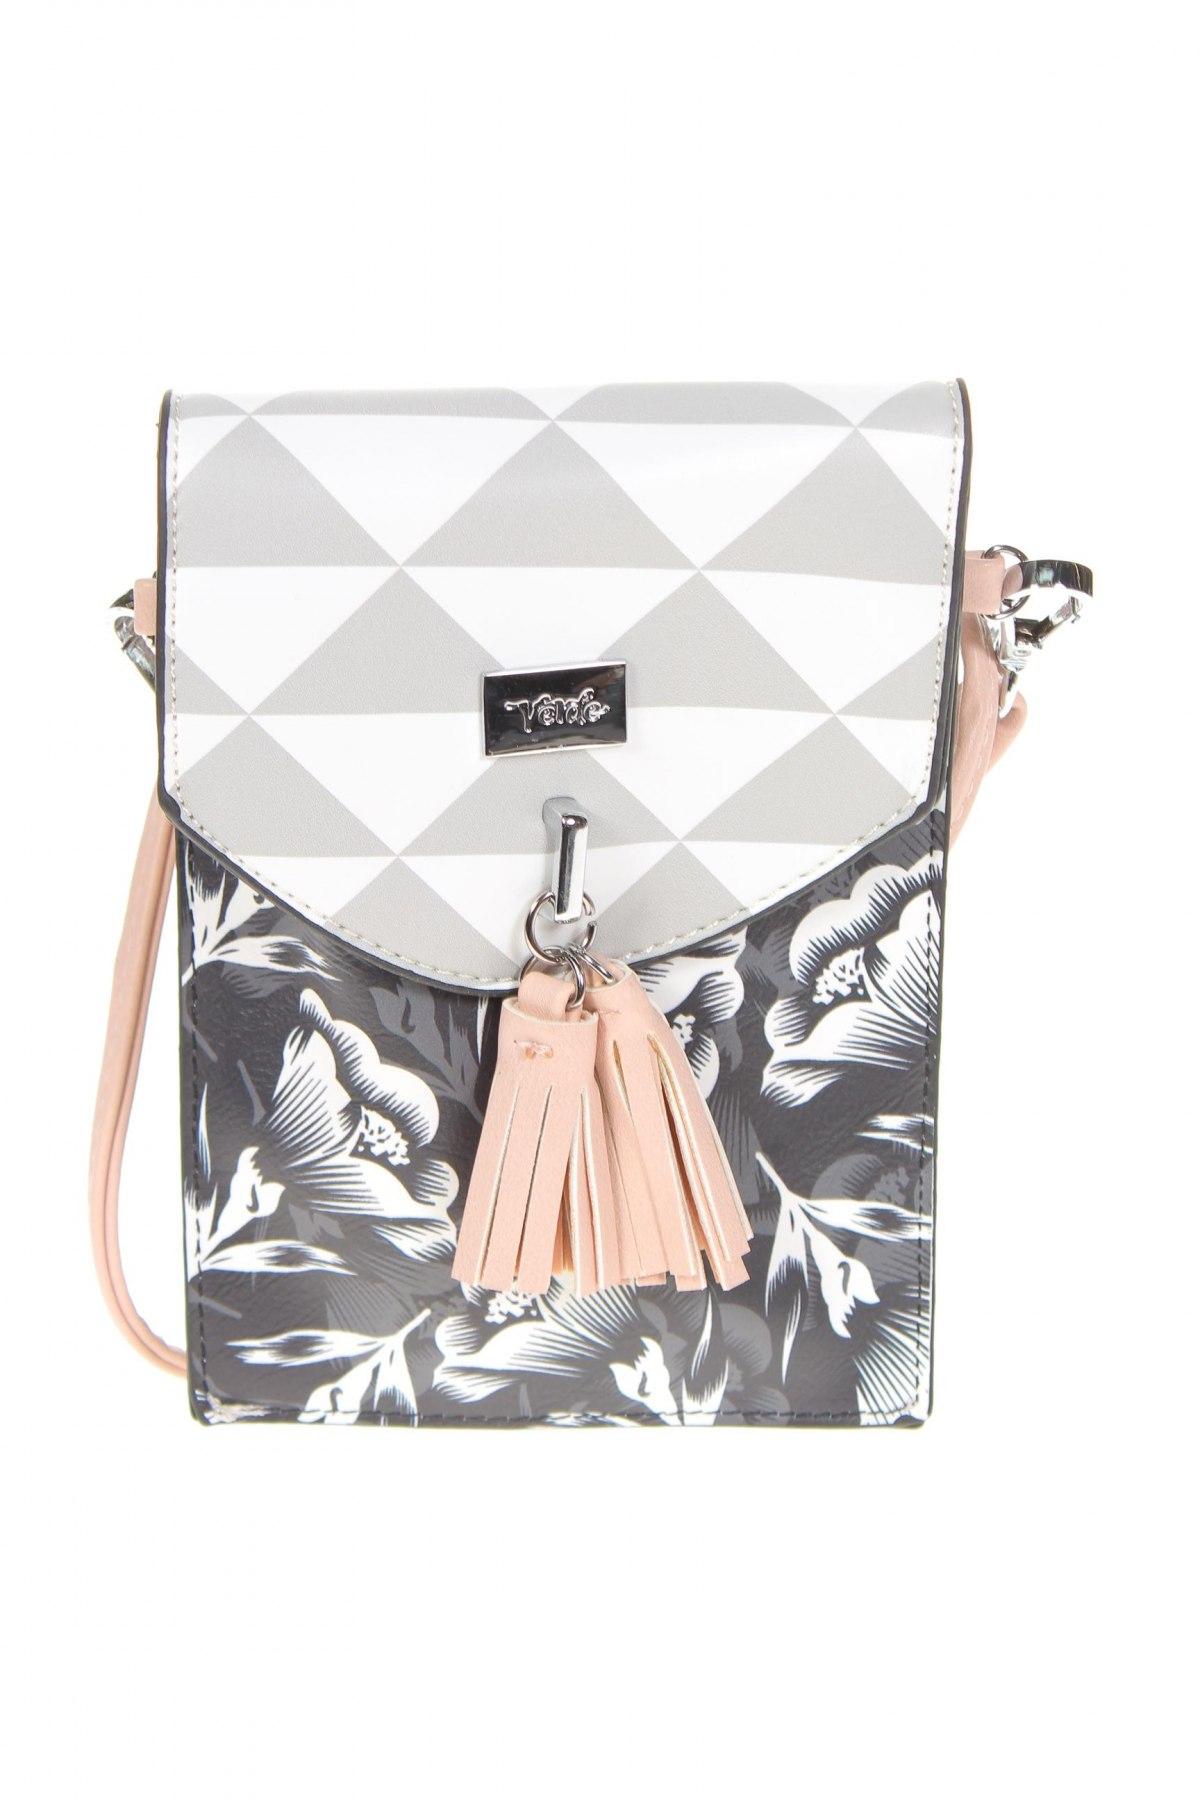 Дамска чанта Verde, Цвят Многоцветен, Еко кожа, Цена 7,80лв.